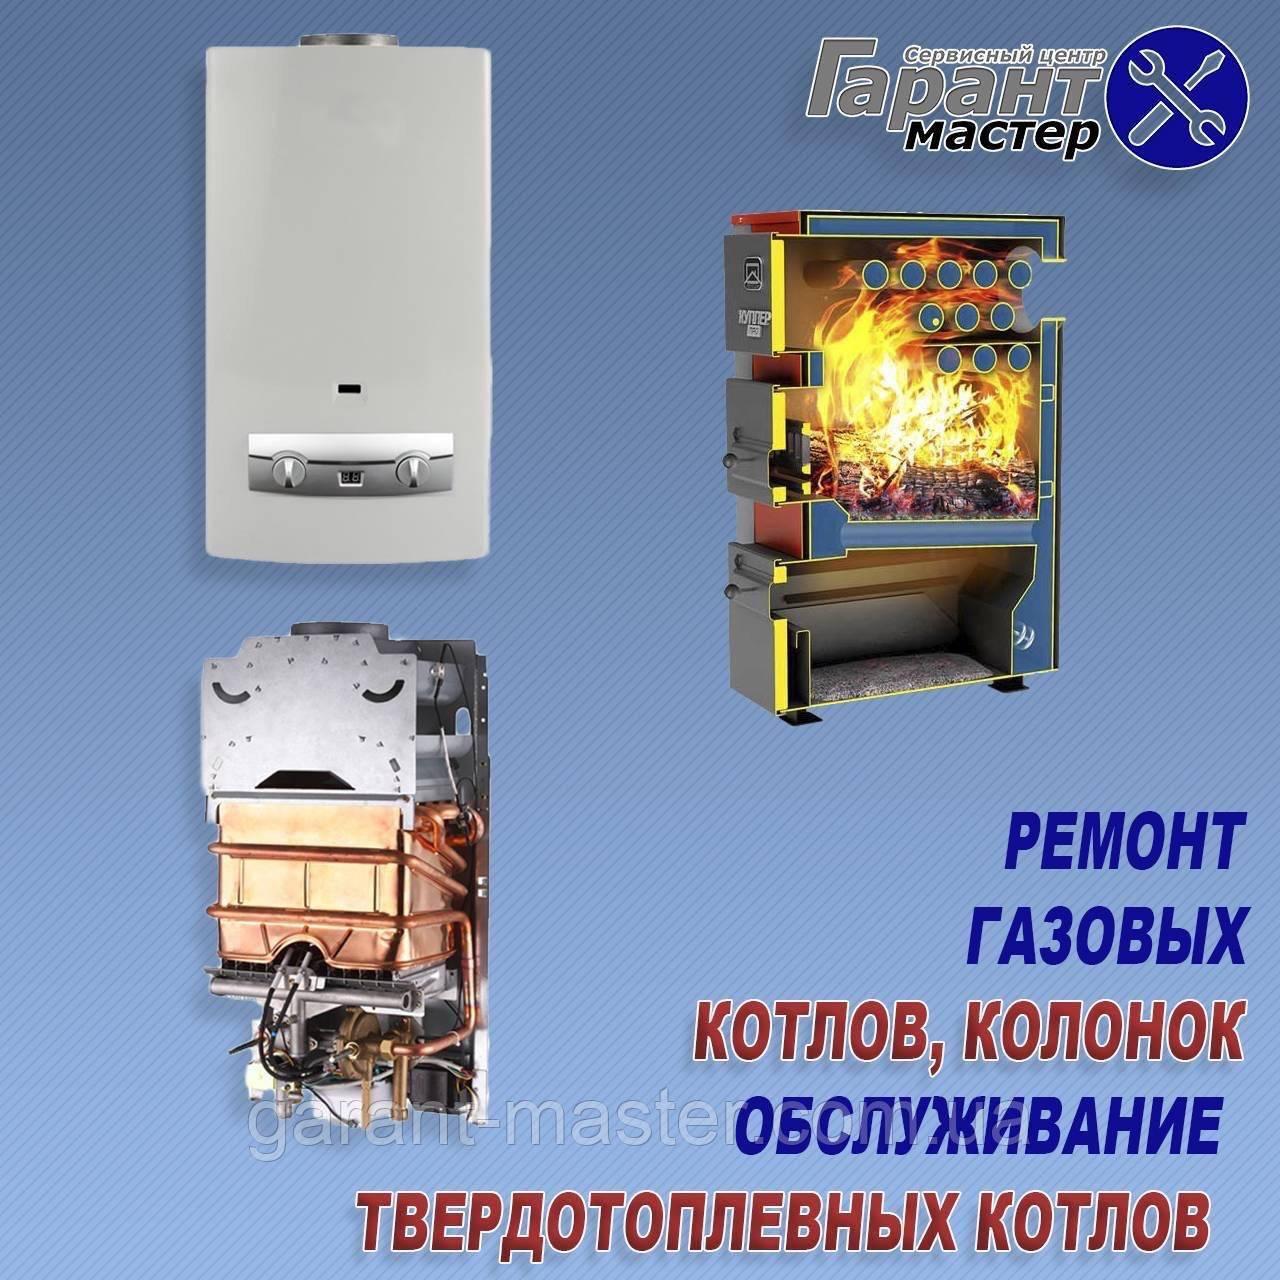 Ремонт газовых котлов GREENTERM в Запорожье